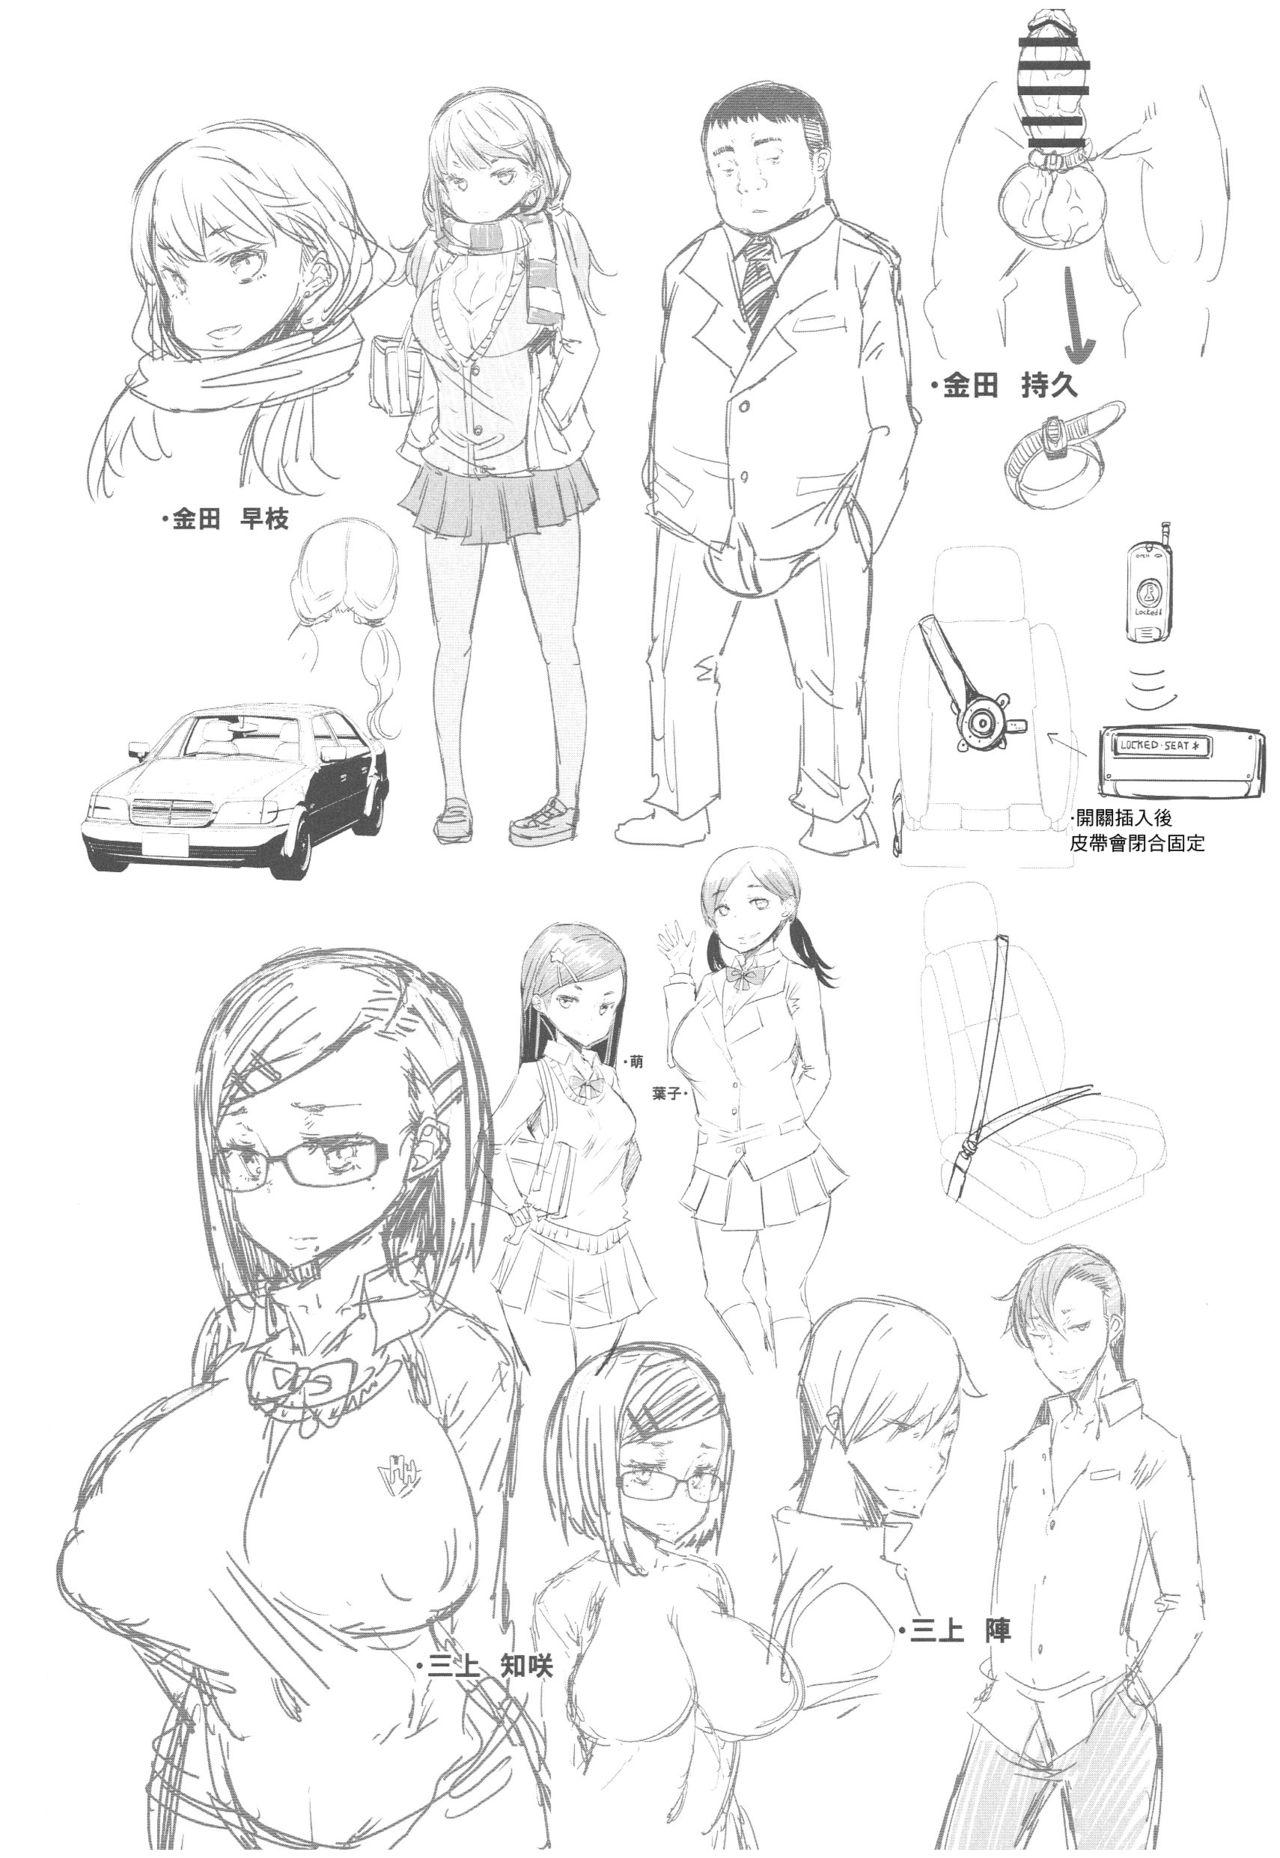 Ochita Kyoudai no 13-nichi Gougan Imouto no Otoshikata 2